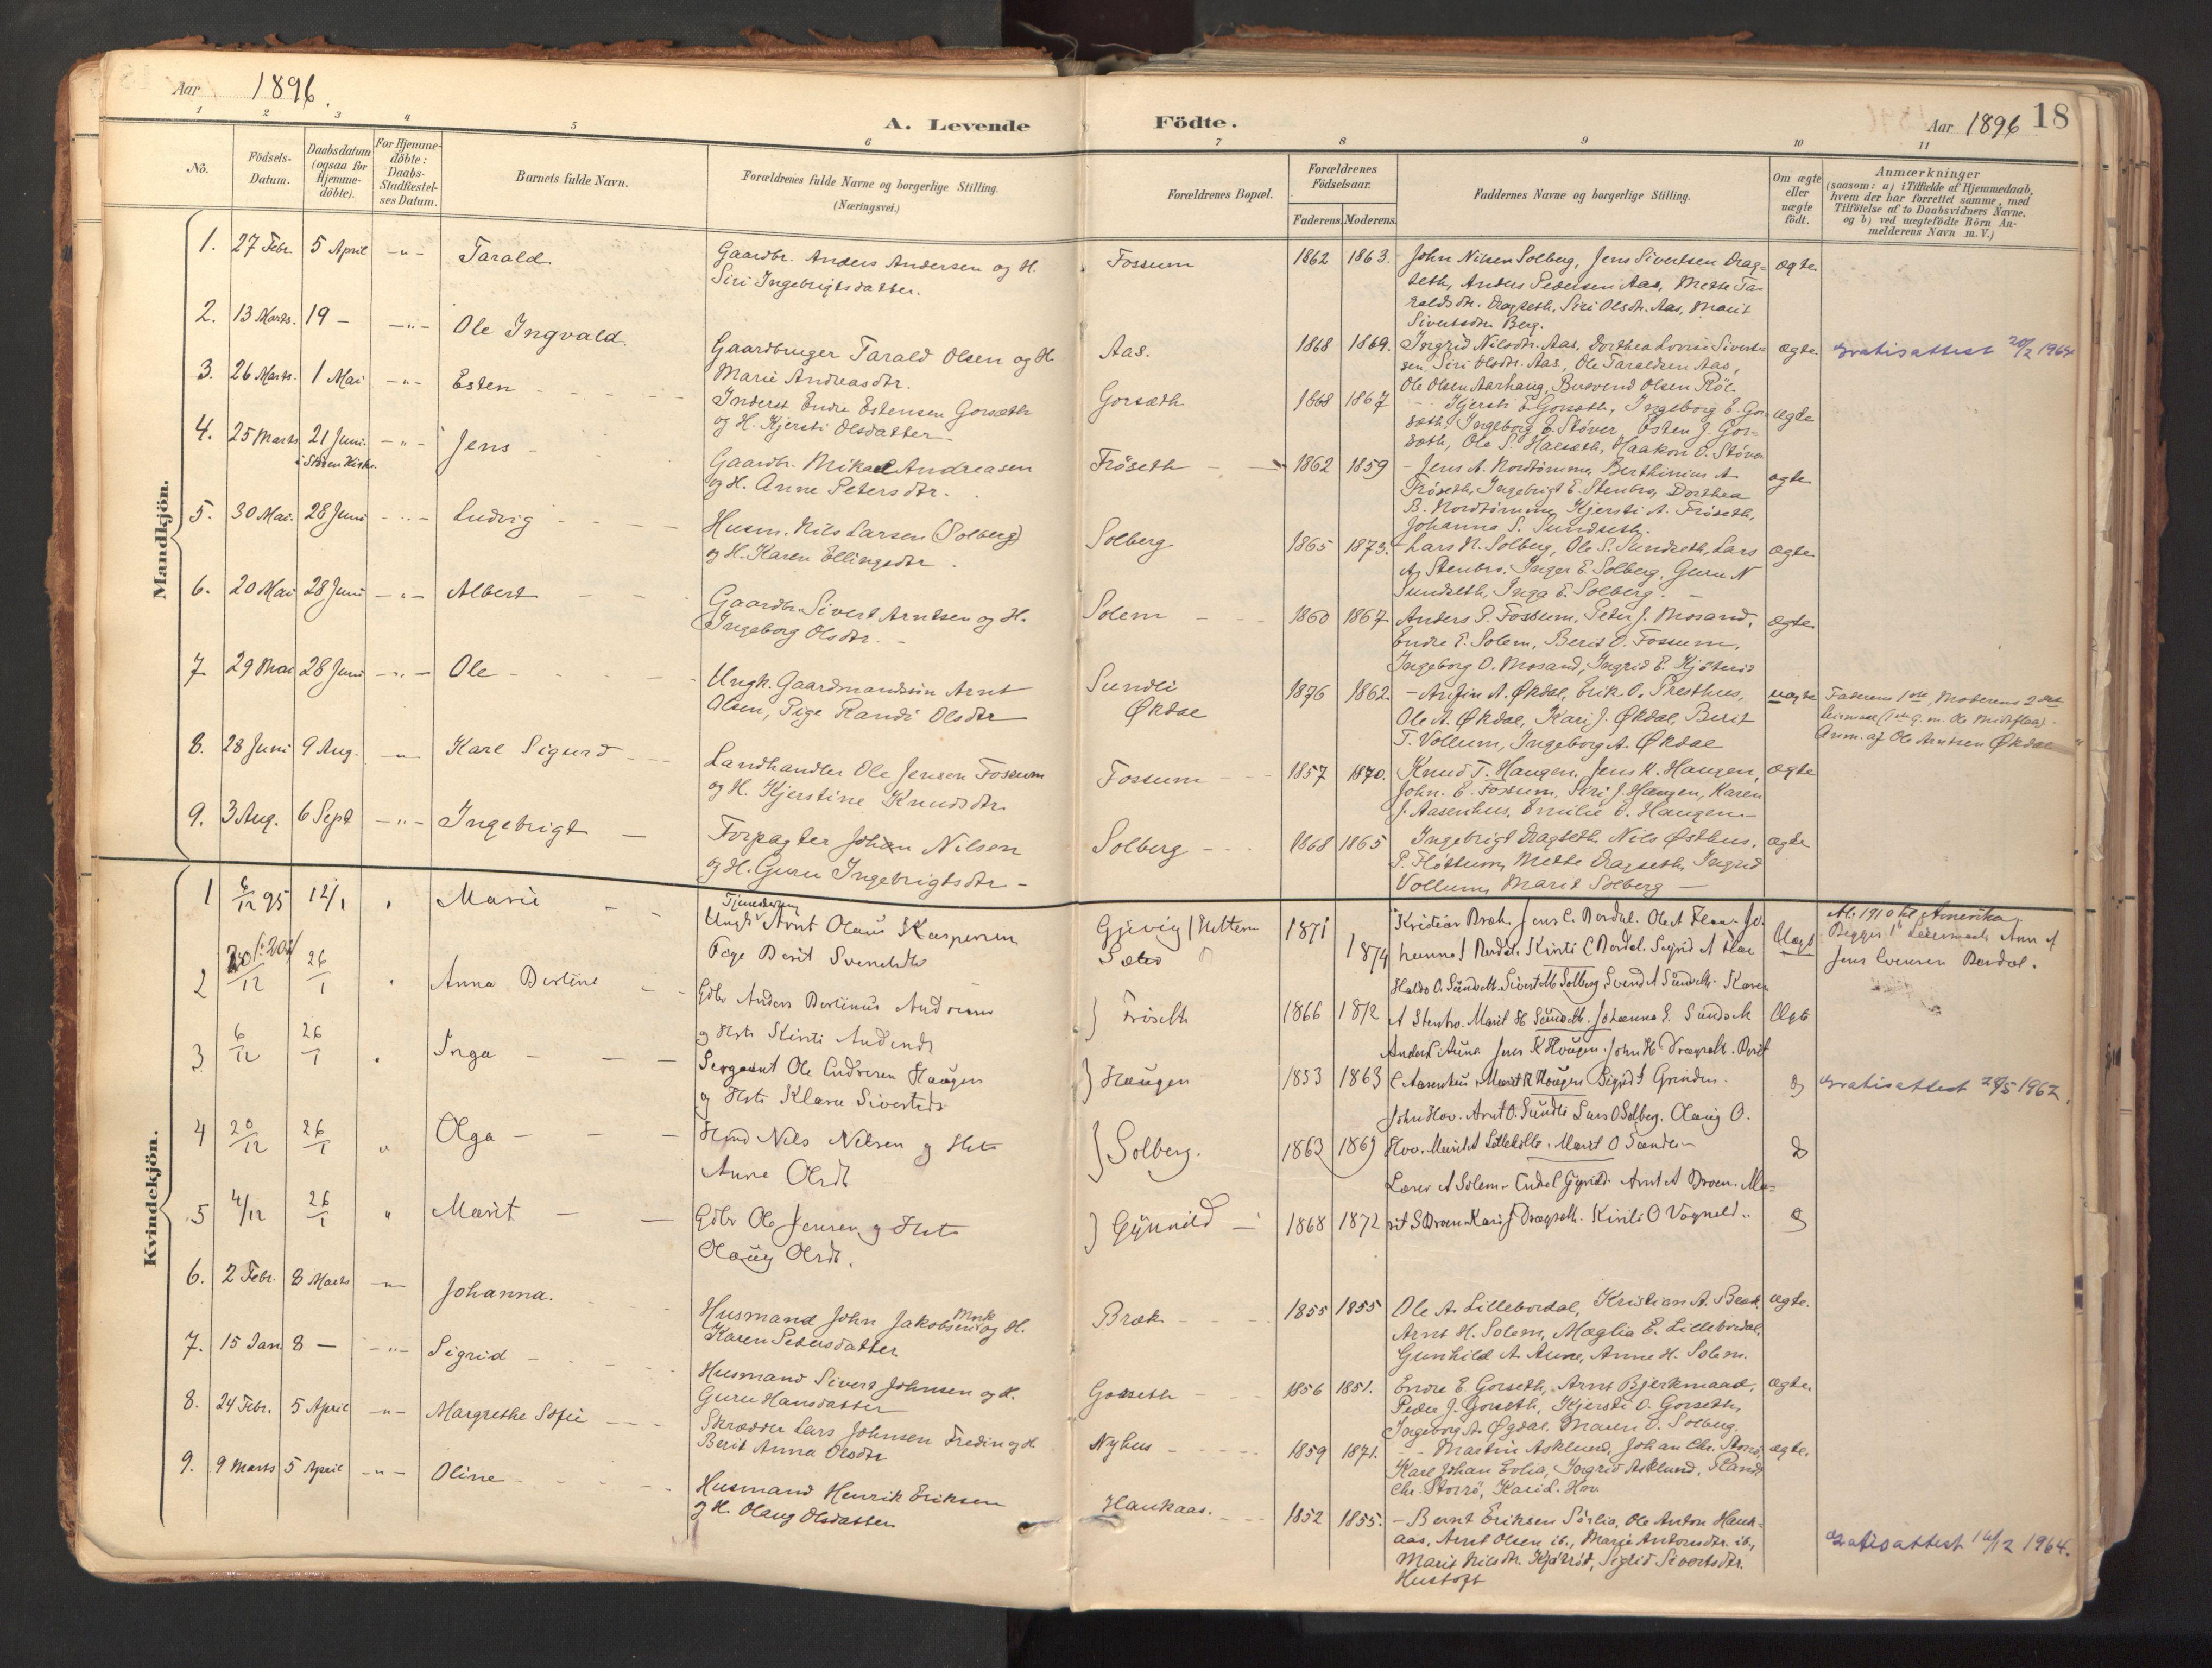 SAT, Ministerialprotokoller, klokkerbøker og fødselsregistre - Sør-Trøndelag, 689/L1041: Ministerialbok nr. 689A06, 1891-1923, s. 18